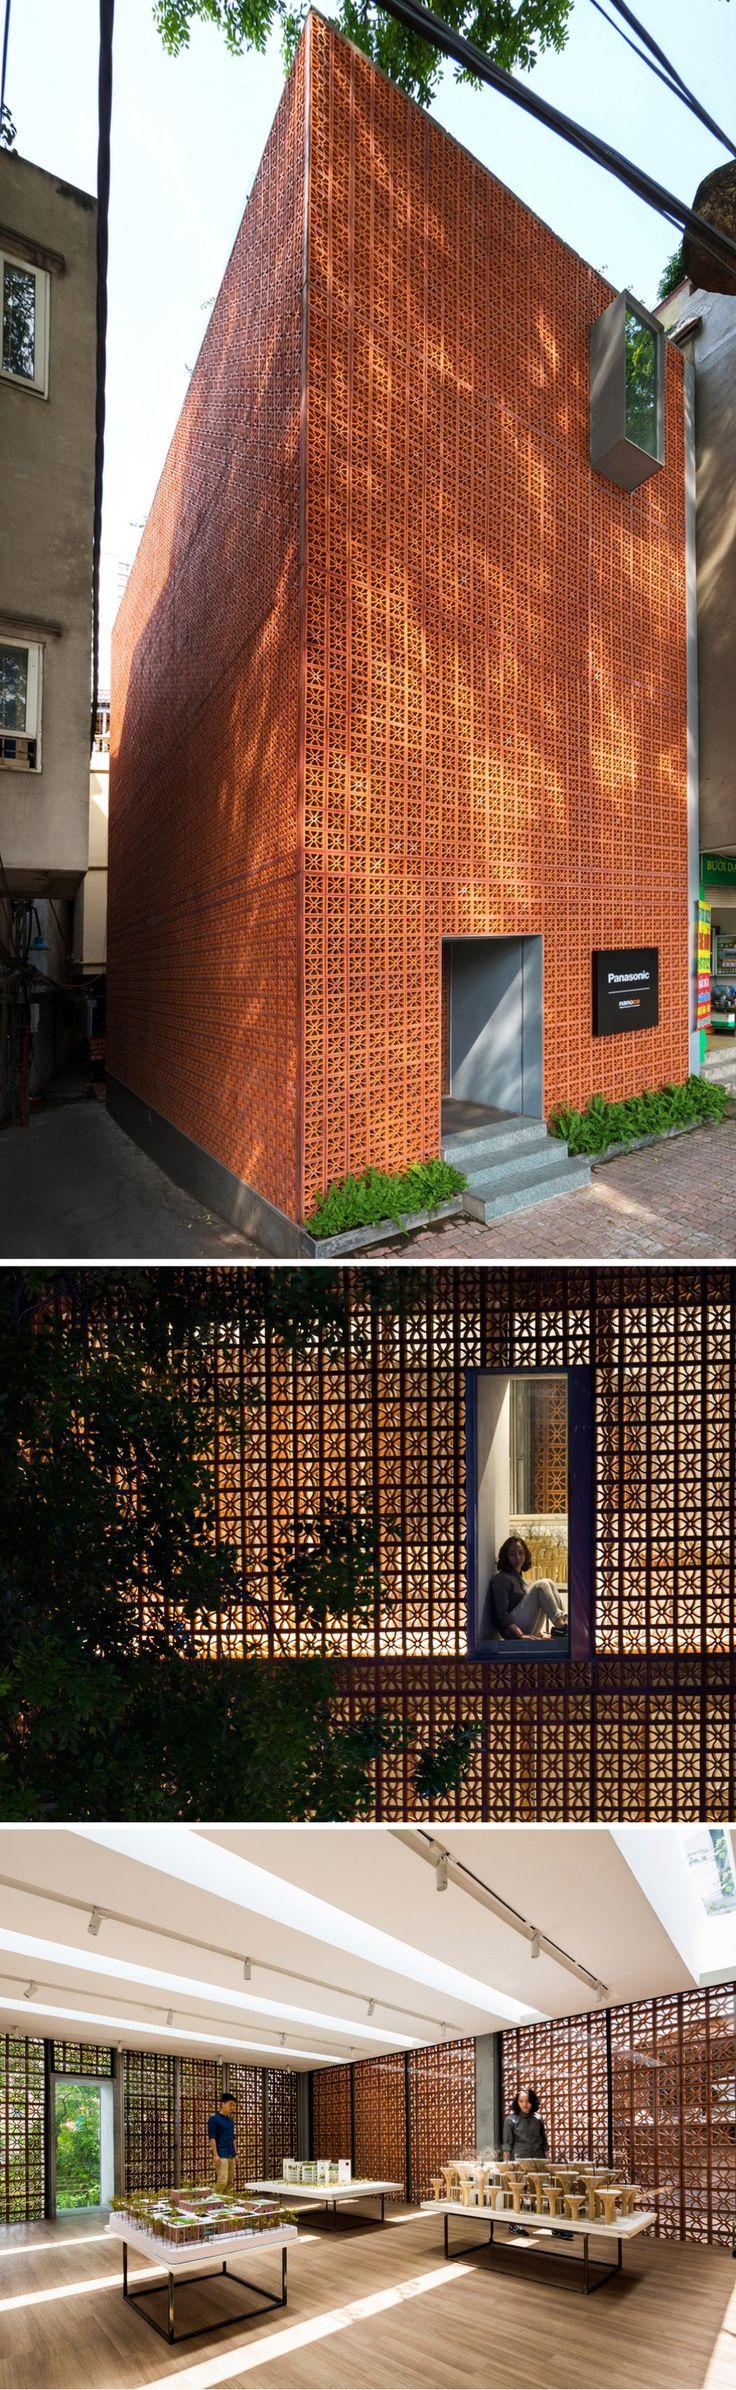 ¿Qué te parece este impactante edificio que han construido en Vietnam? Rompe completamente con la estética del lugar.